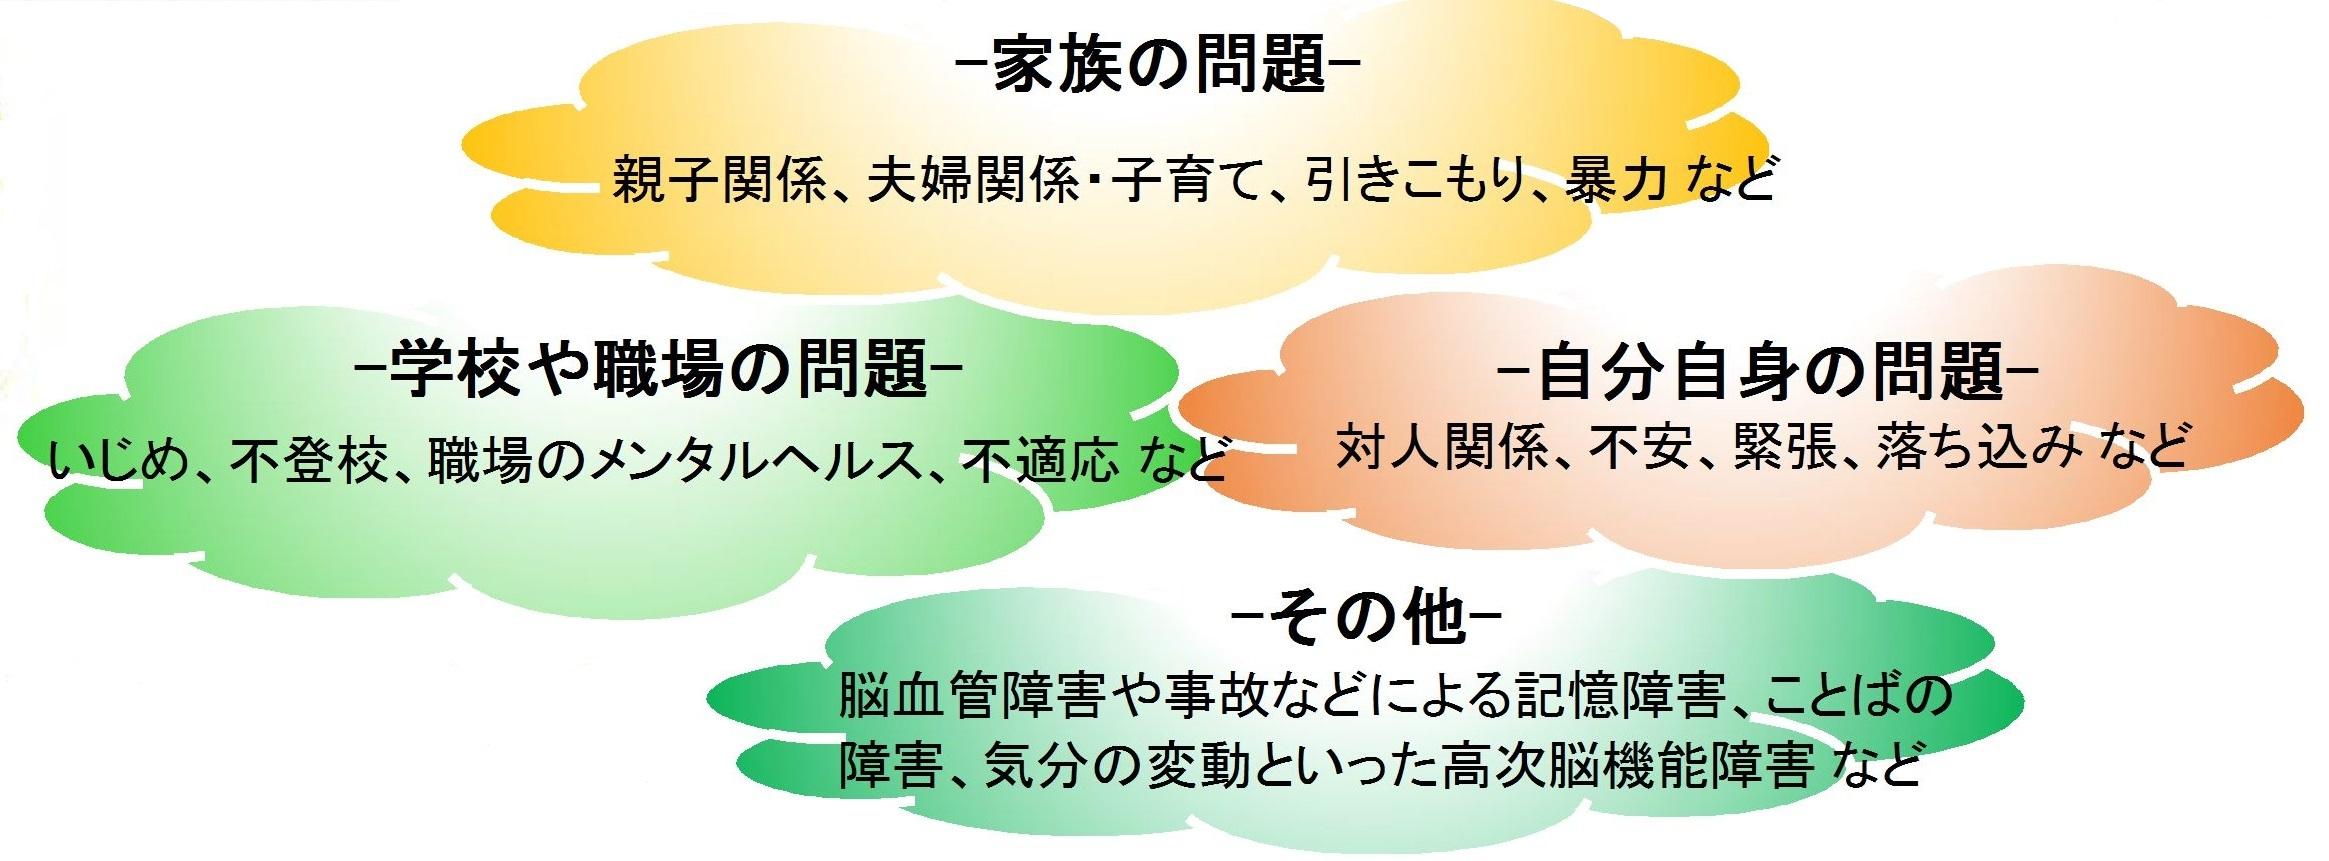 心理・発達支援センターホームページ更新-1 - コ.jpg